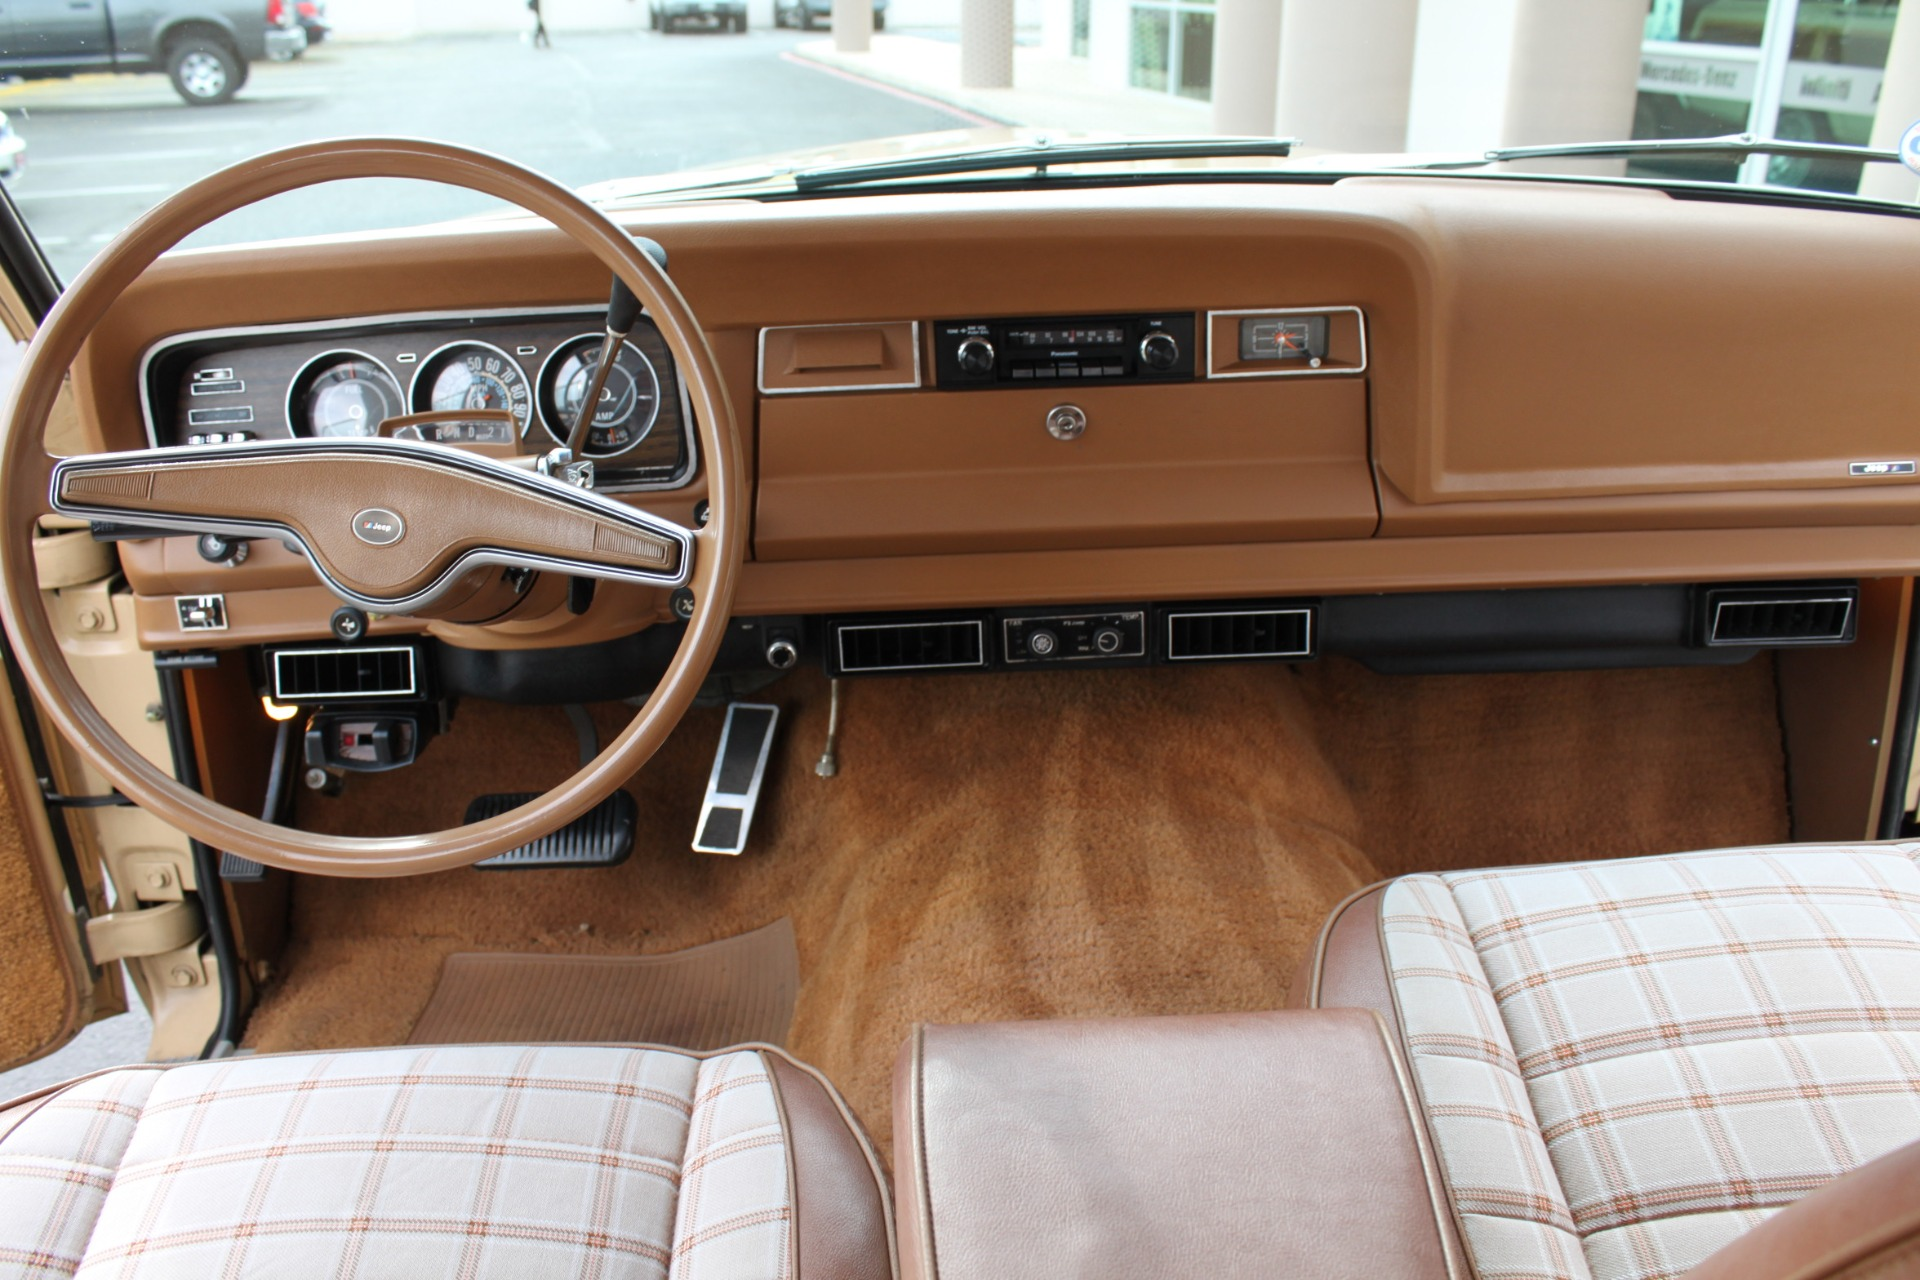 Used-1977-Jeep-Wagoneer-Brougham-vintage